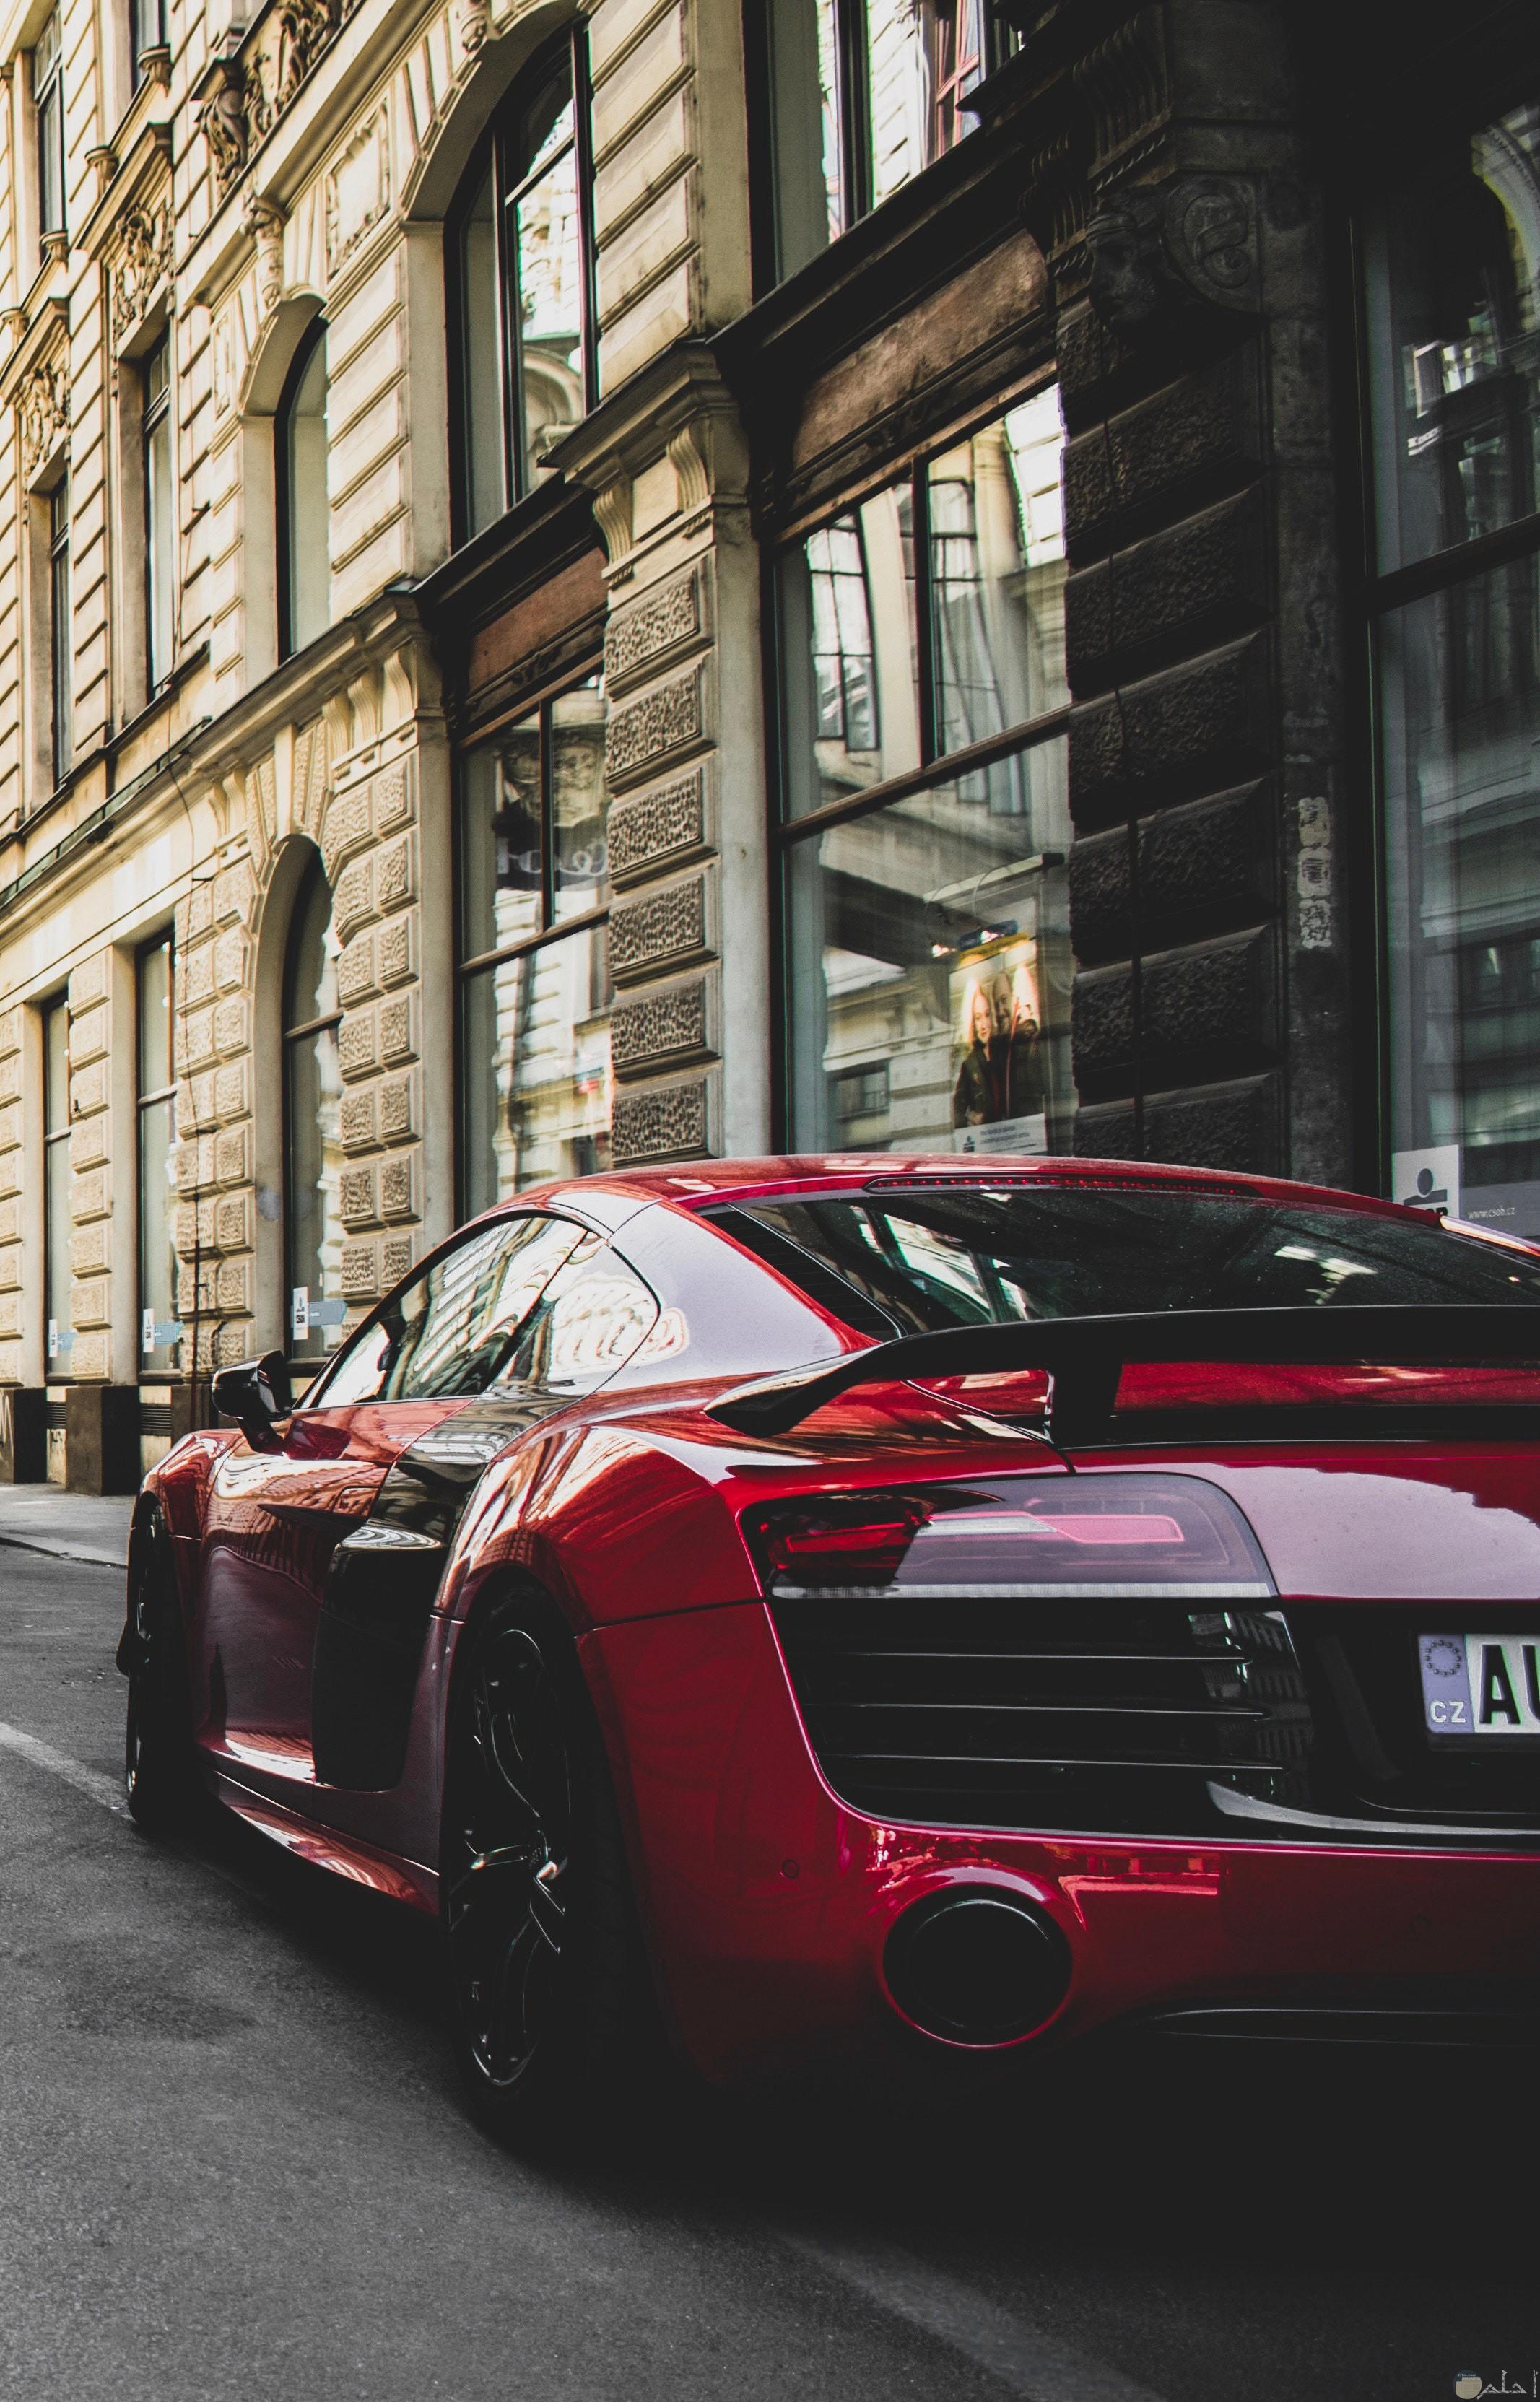 صورة مميزة لسيارة أودي حمراء فخمة وجميلة جدا